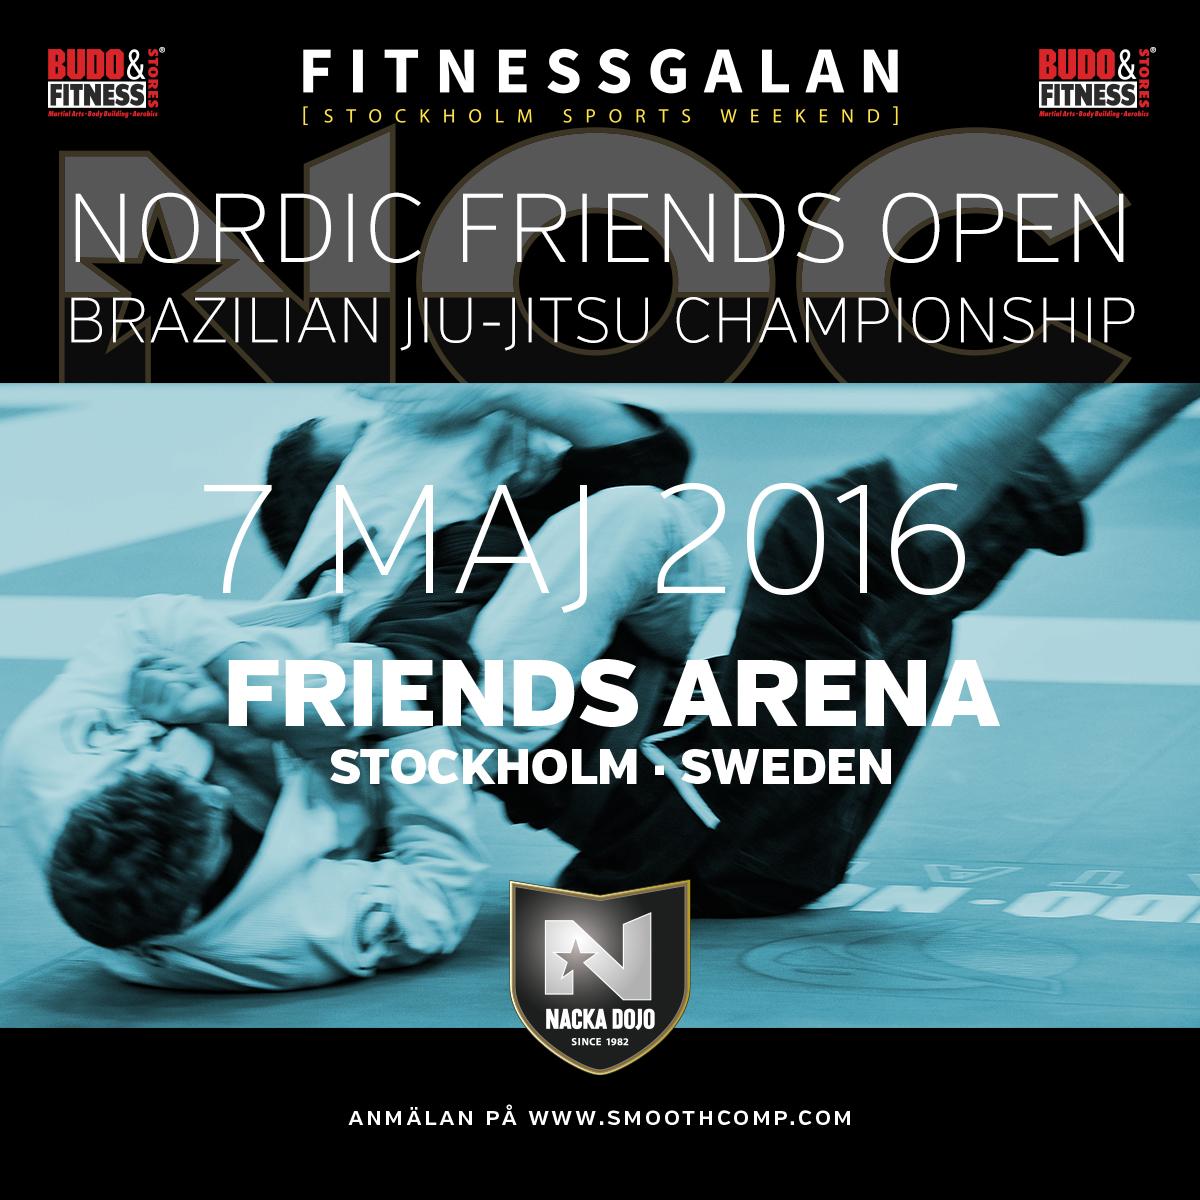 Crew behövs till Nordic Friends Open